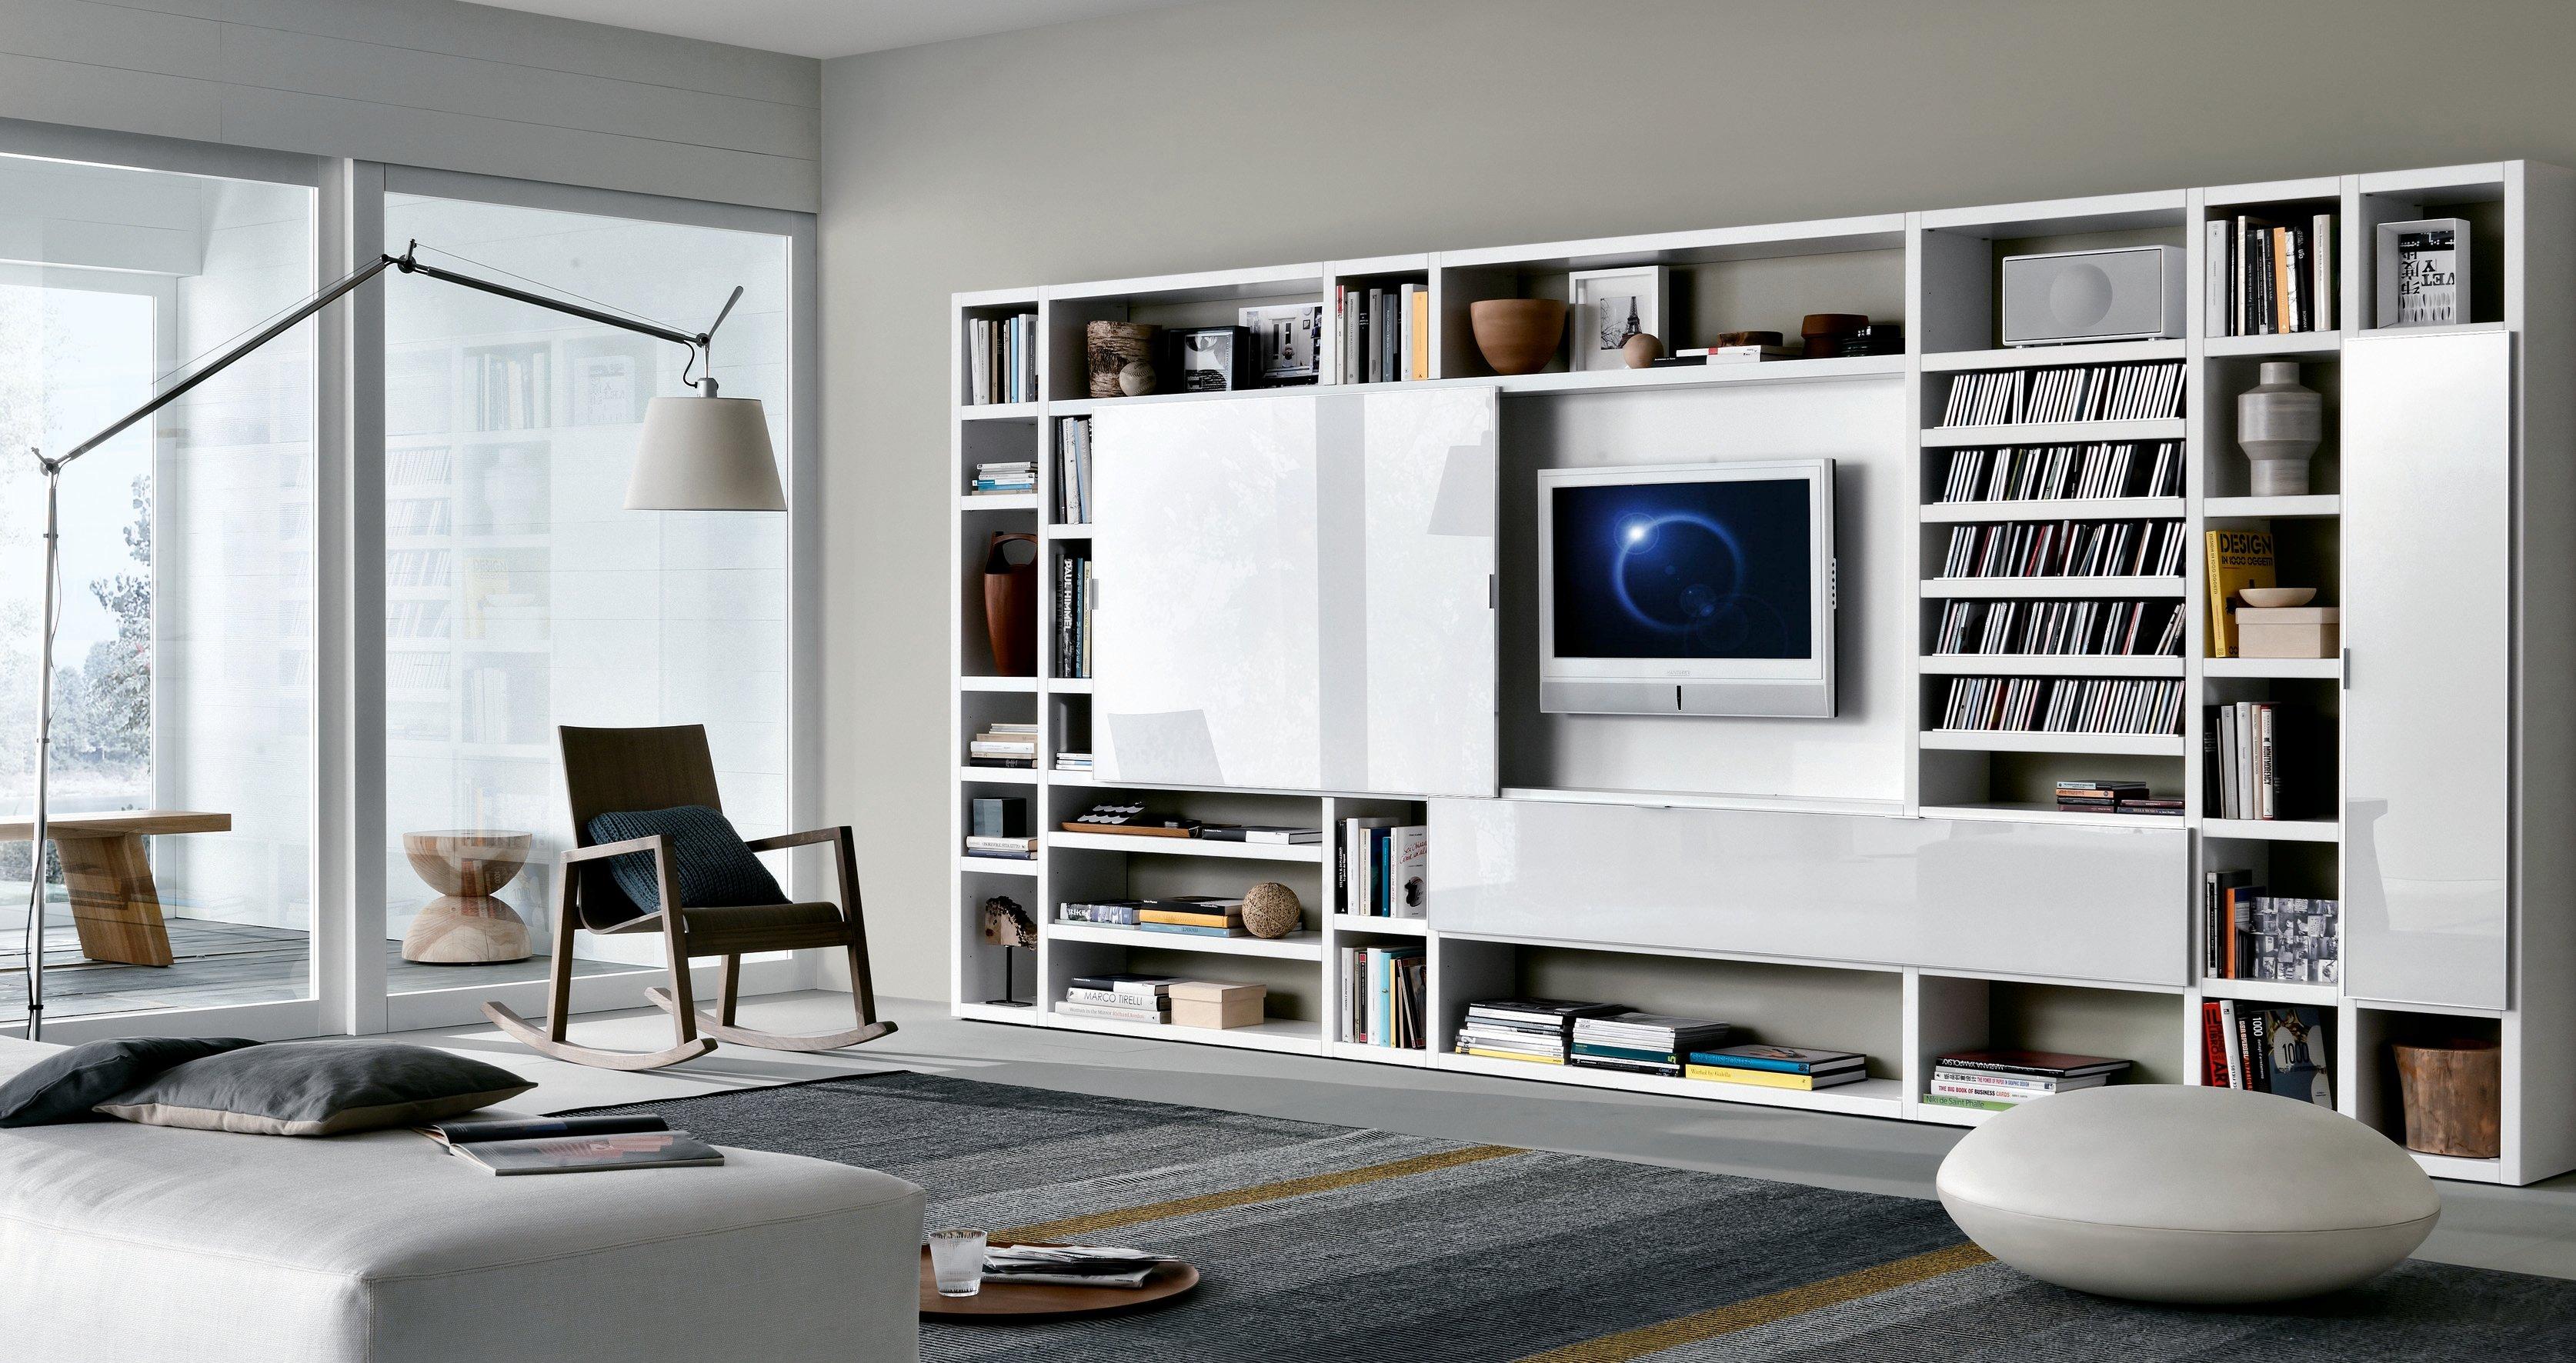 Soggiorno Ikea Idee: Soggiorni ikea praticita ed estetica in uno ...